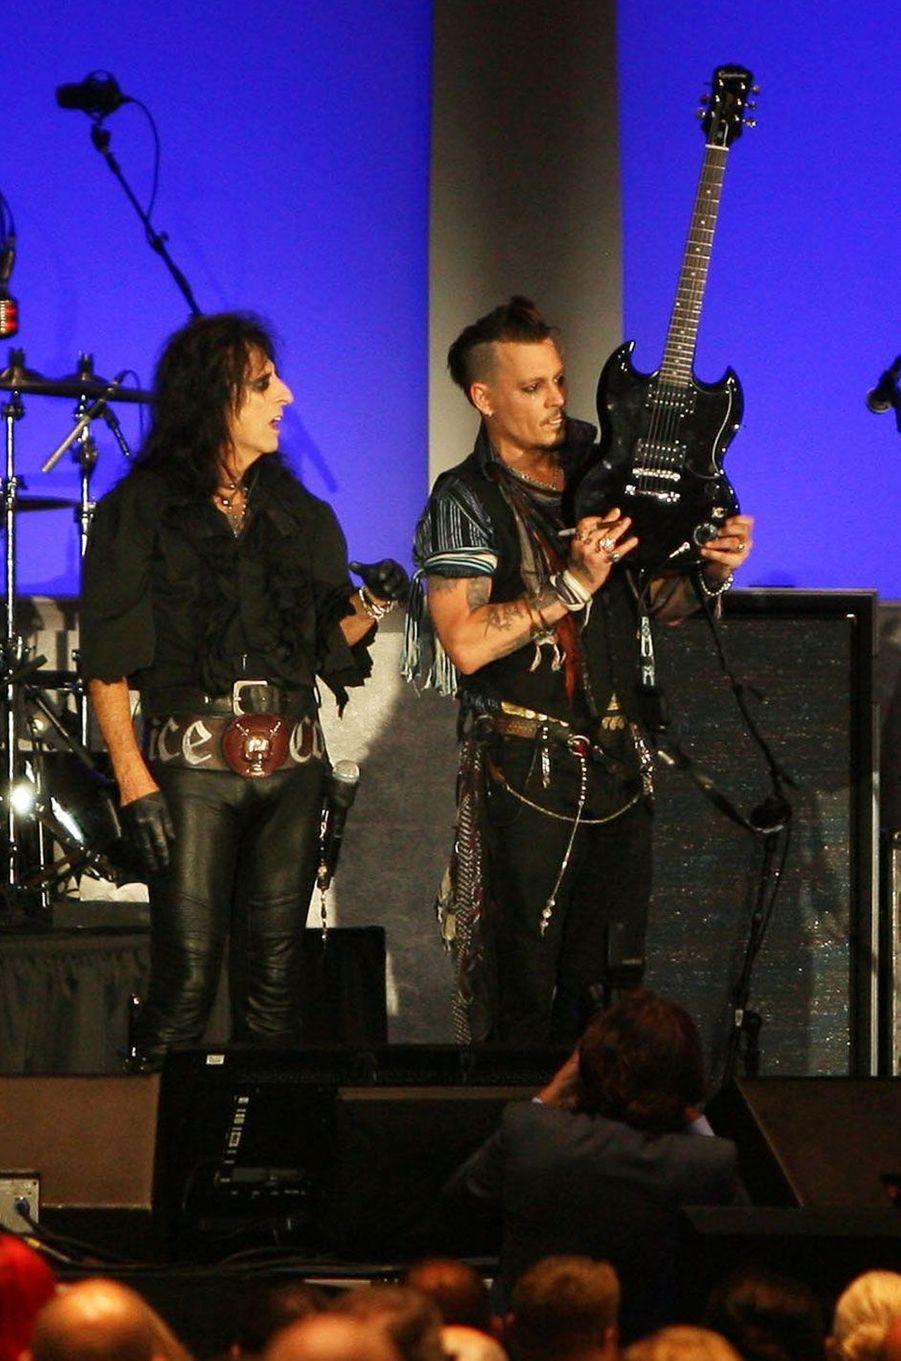 Alice Copper et Johnny Depp mettent leurs guitares aux enchères